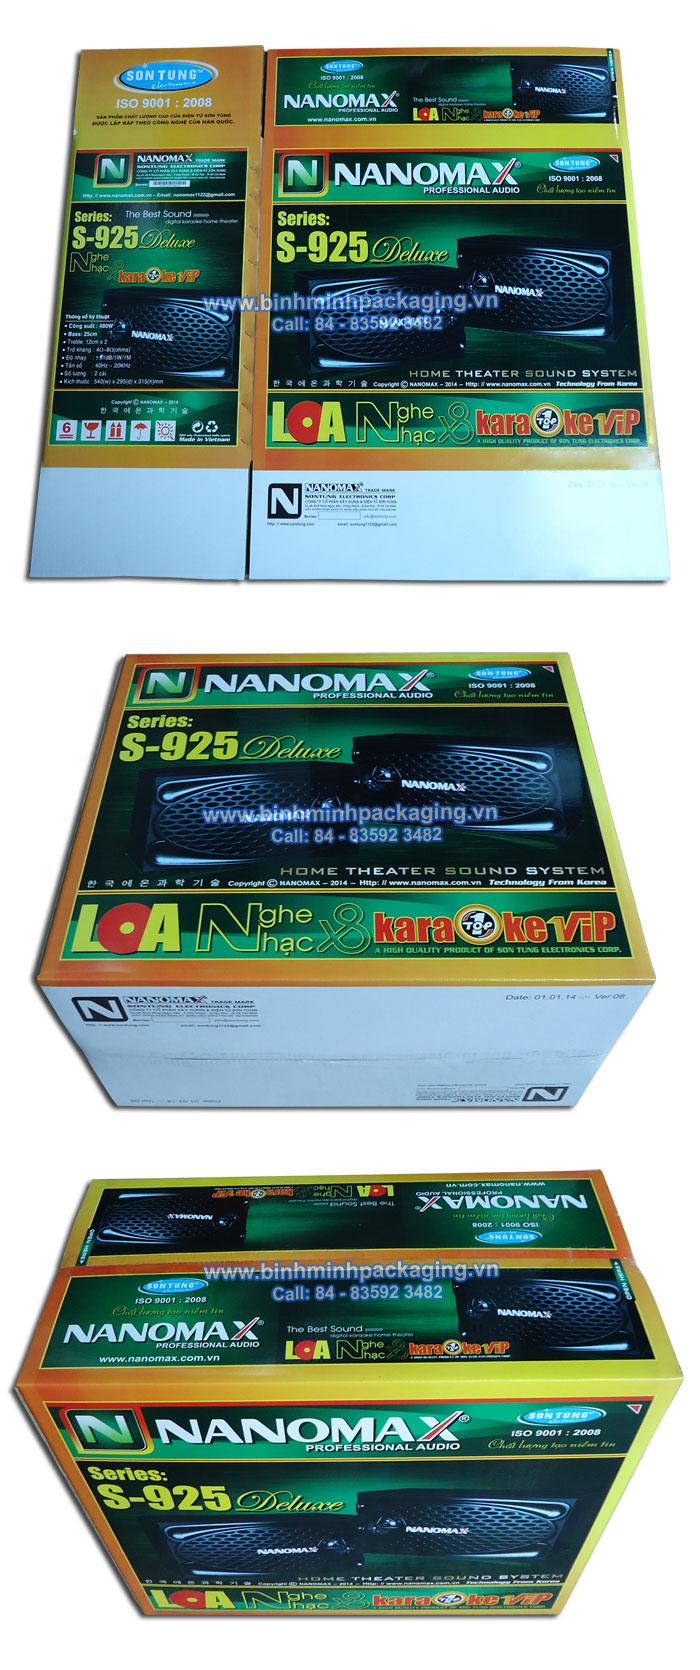 NaNoMax S-925 Speakers packing box